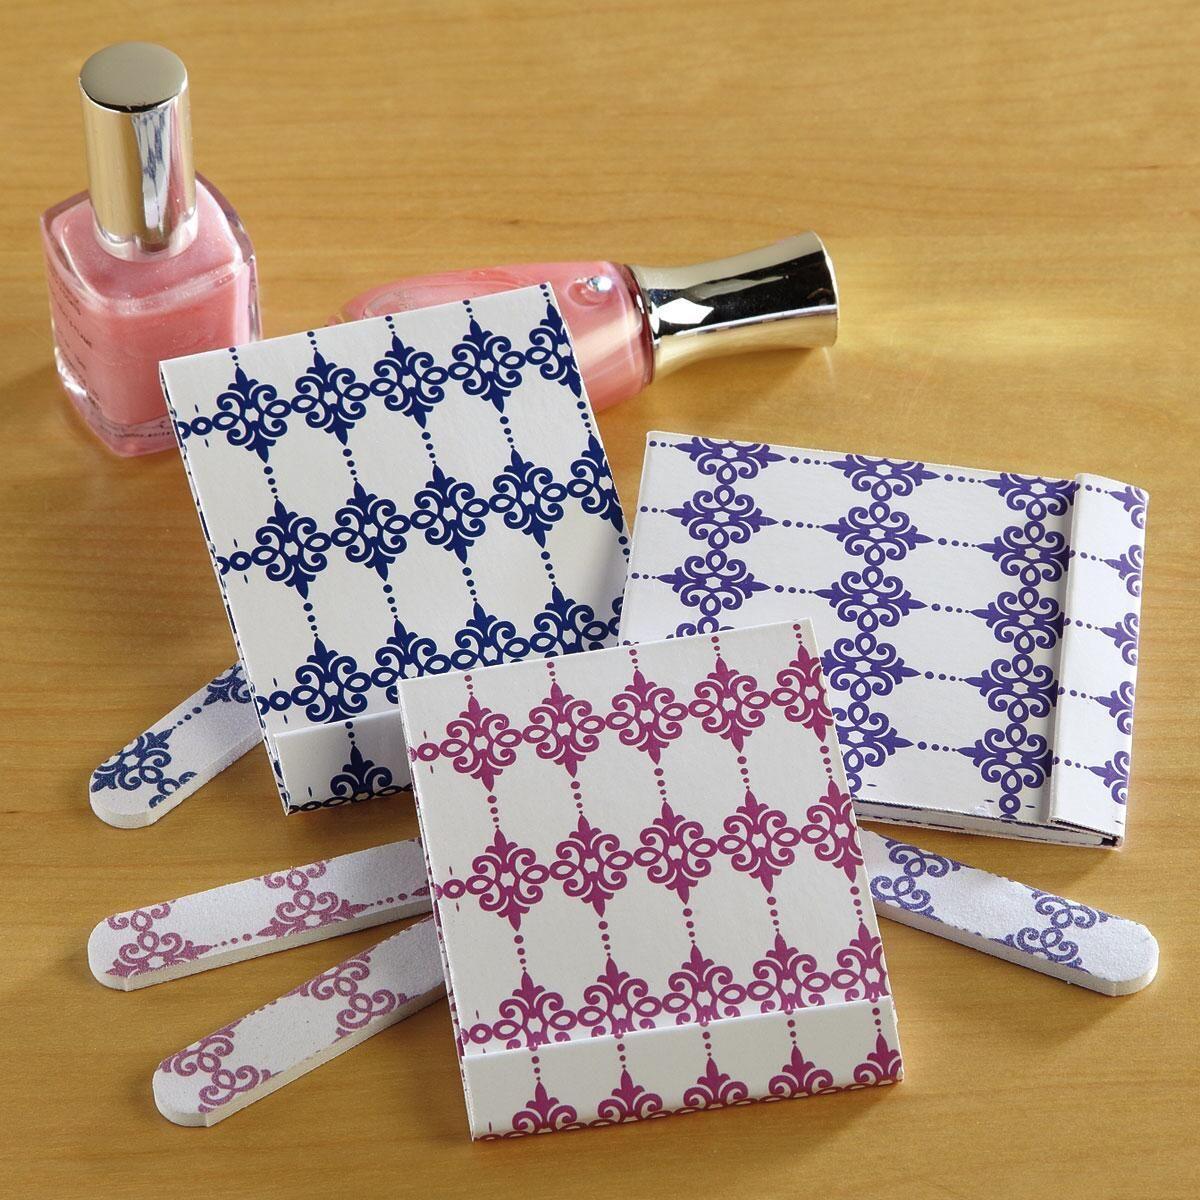 Wallpaper Patterns Emery Matchbooks - BOGO